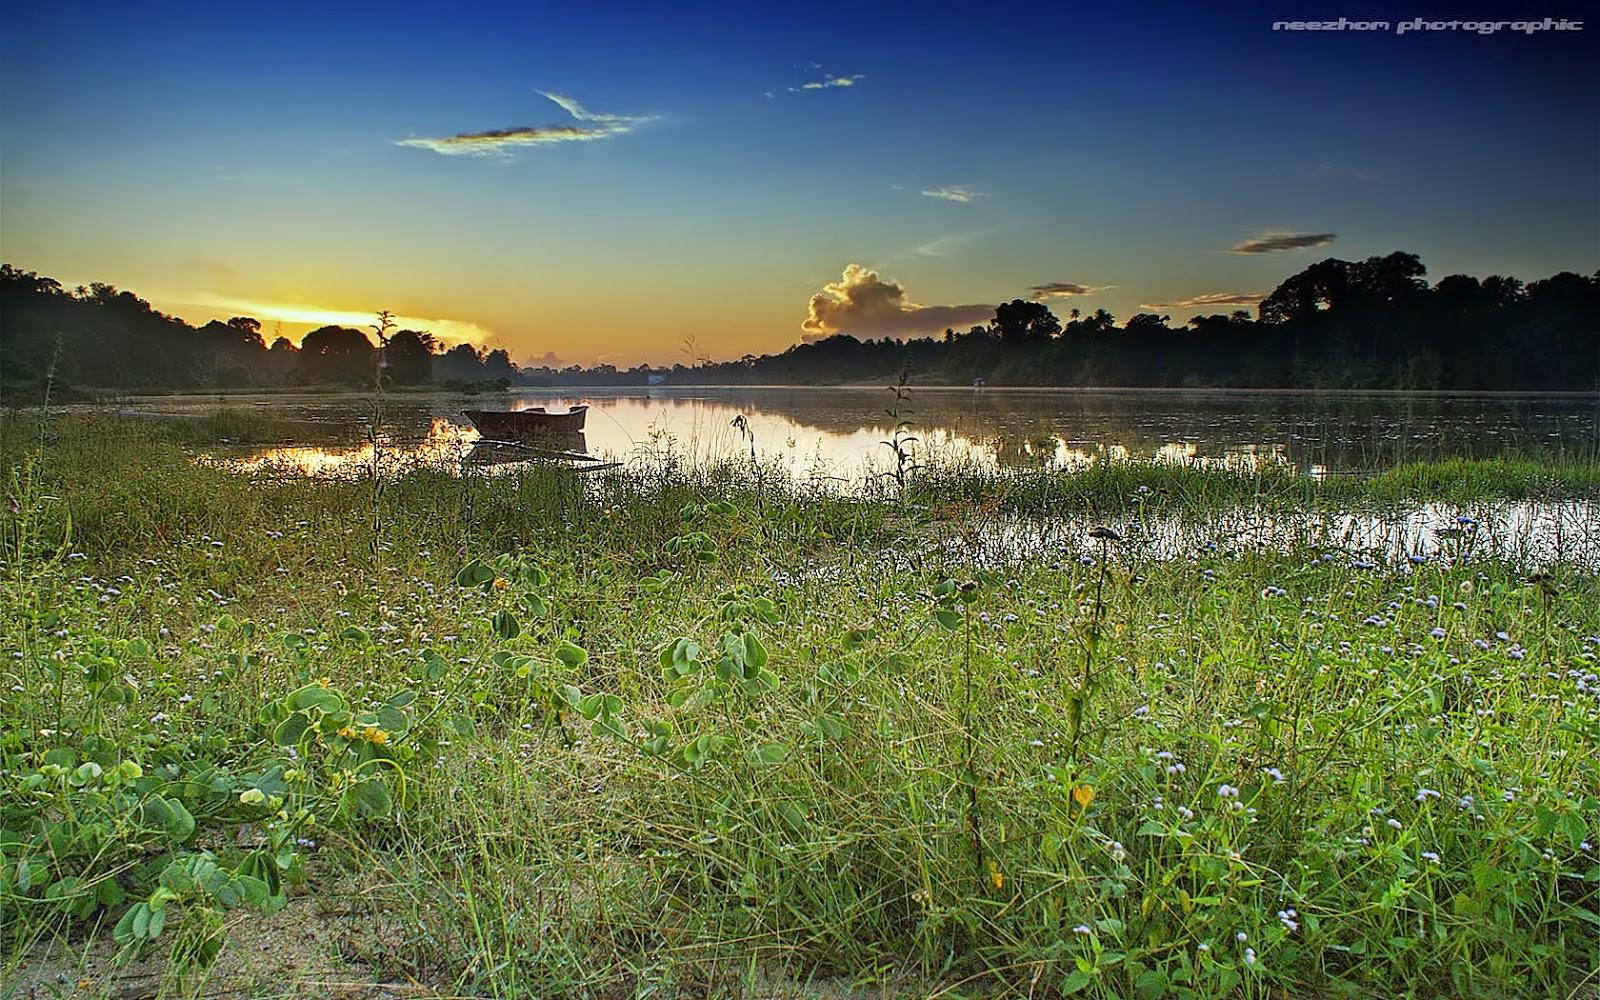 Sungai di kampung Batu Hampar sunrise